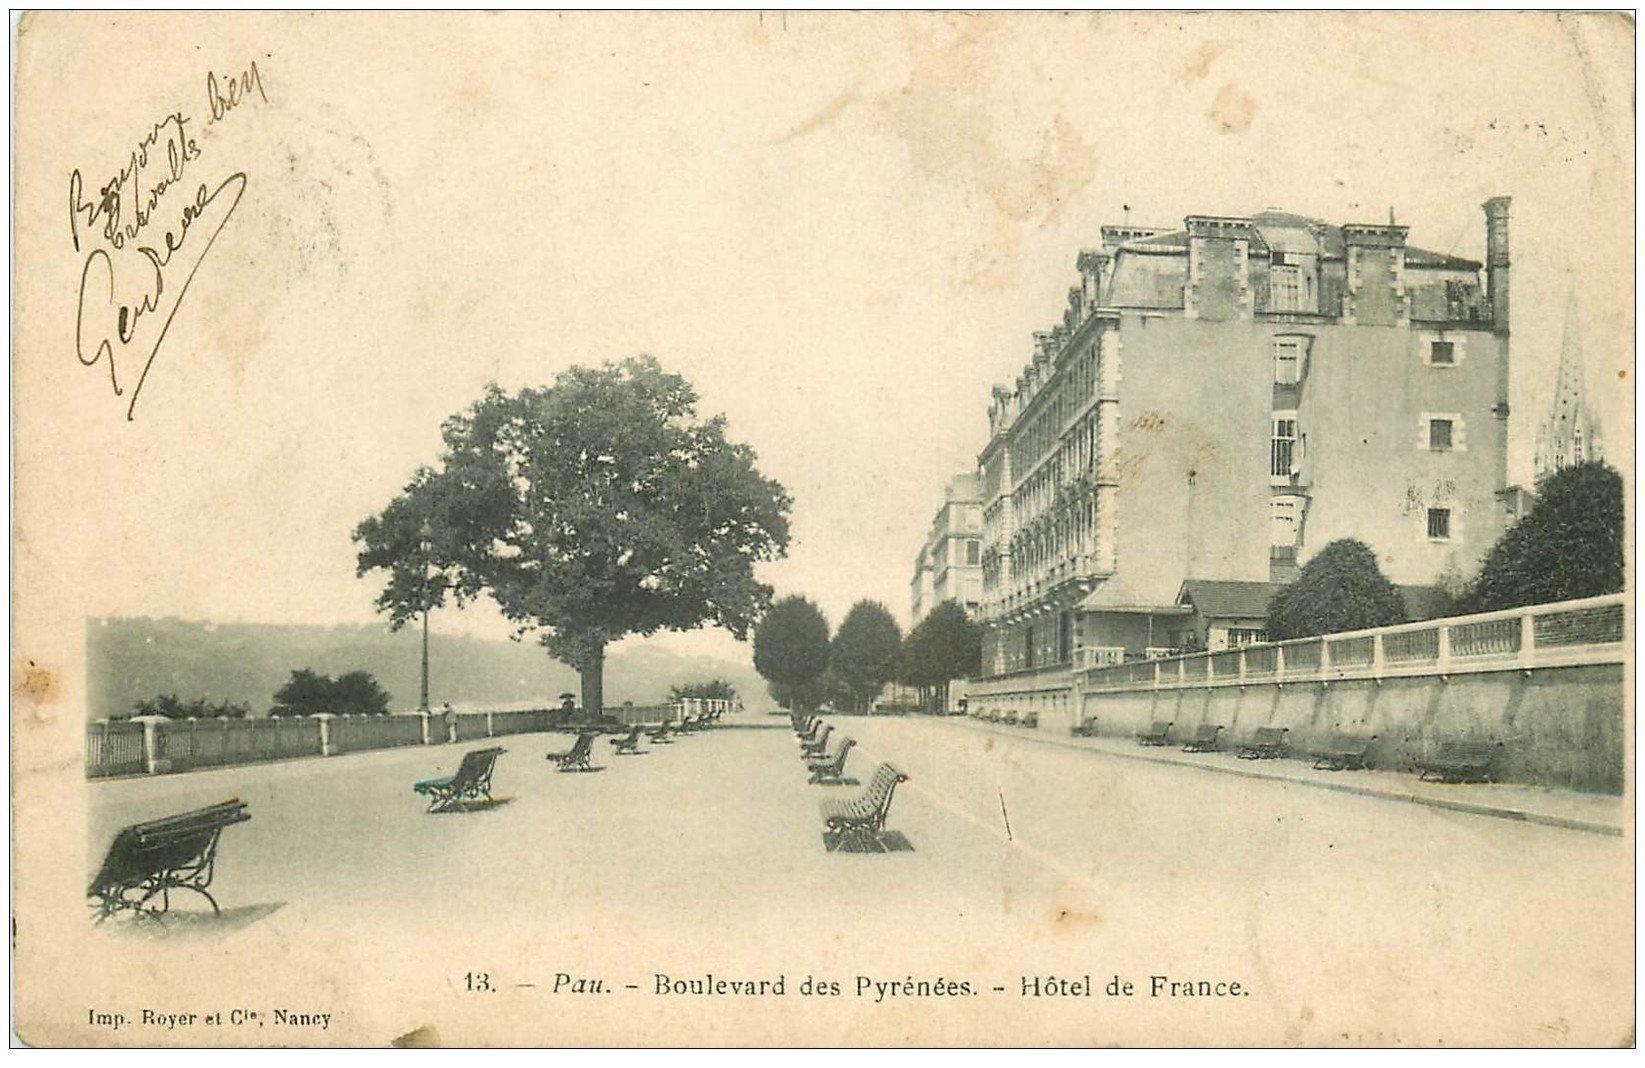 64 PAU. Hôtel de France Boulevard des Pyrénées 1903